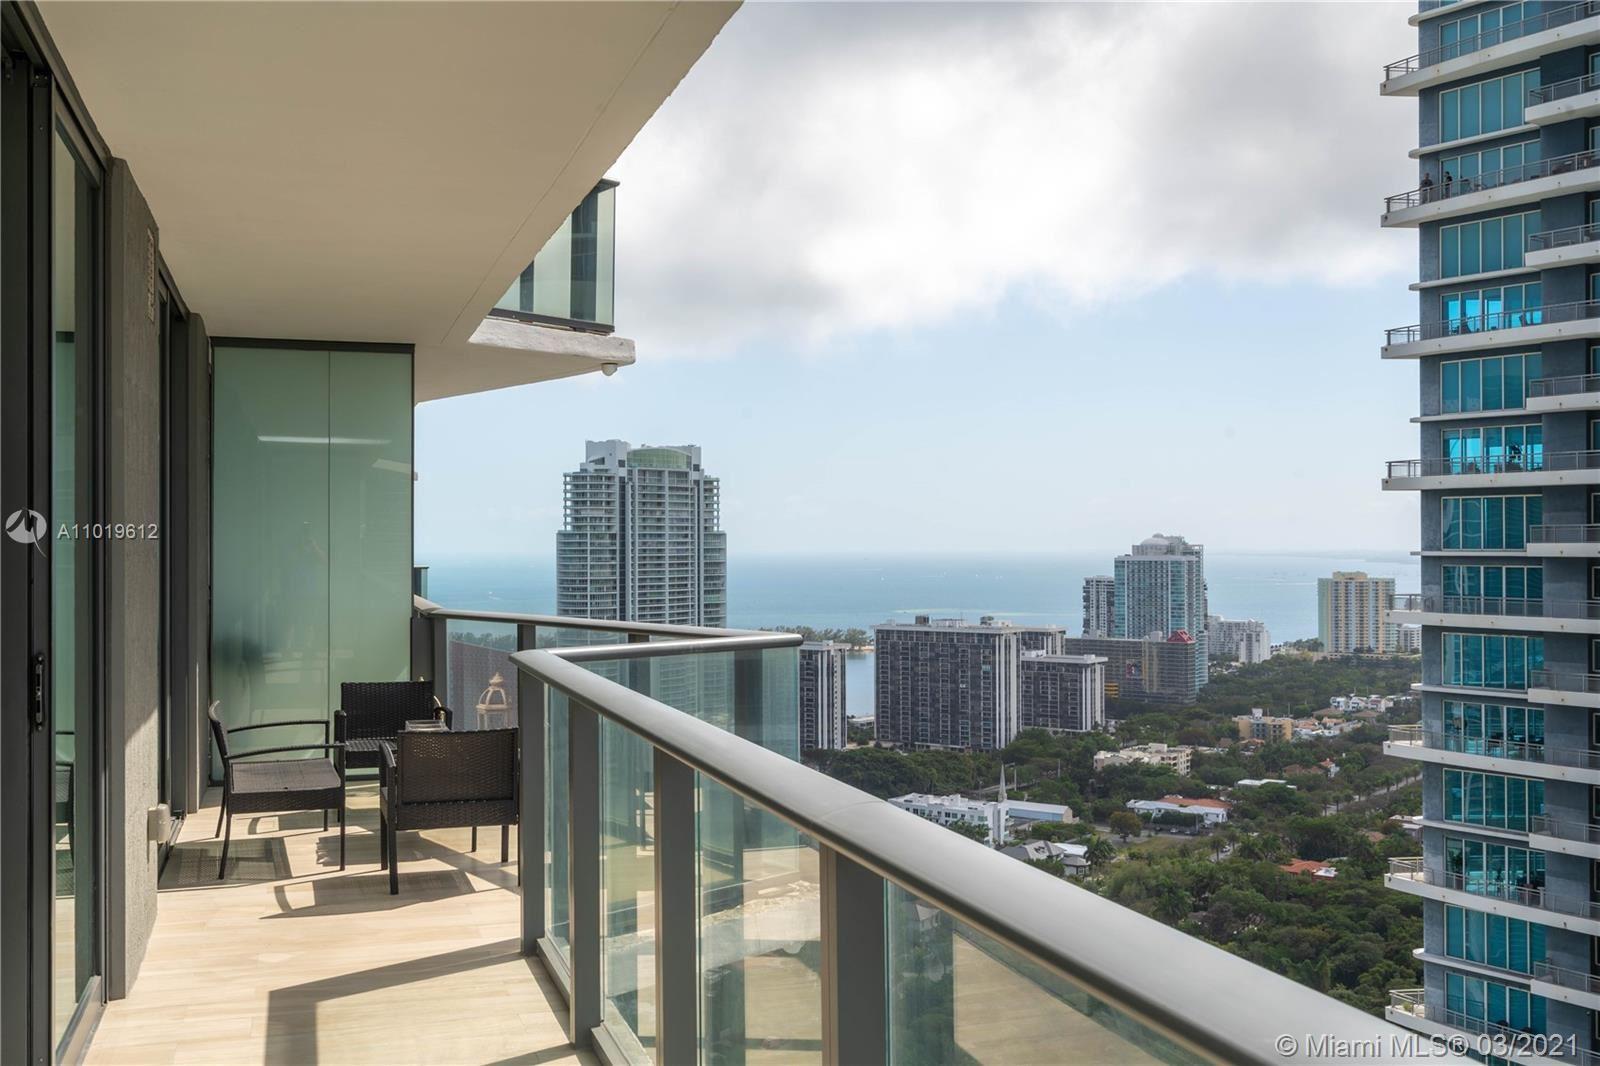 1300 S Miami Ave #3609, Miami, FL 33130 - #: A11019612